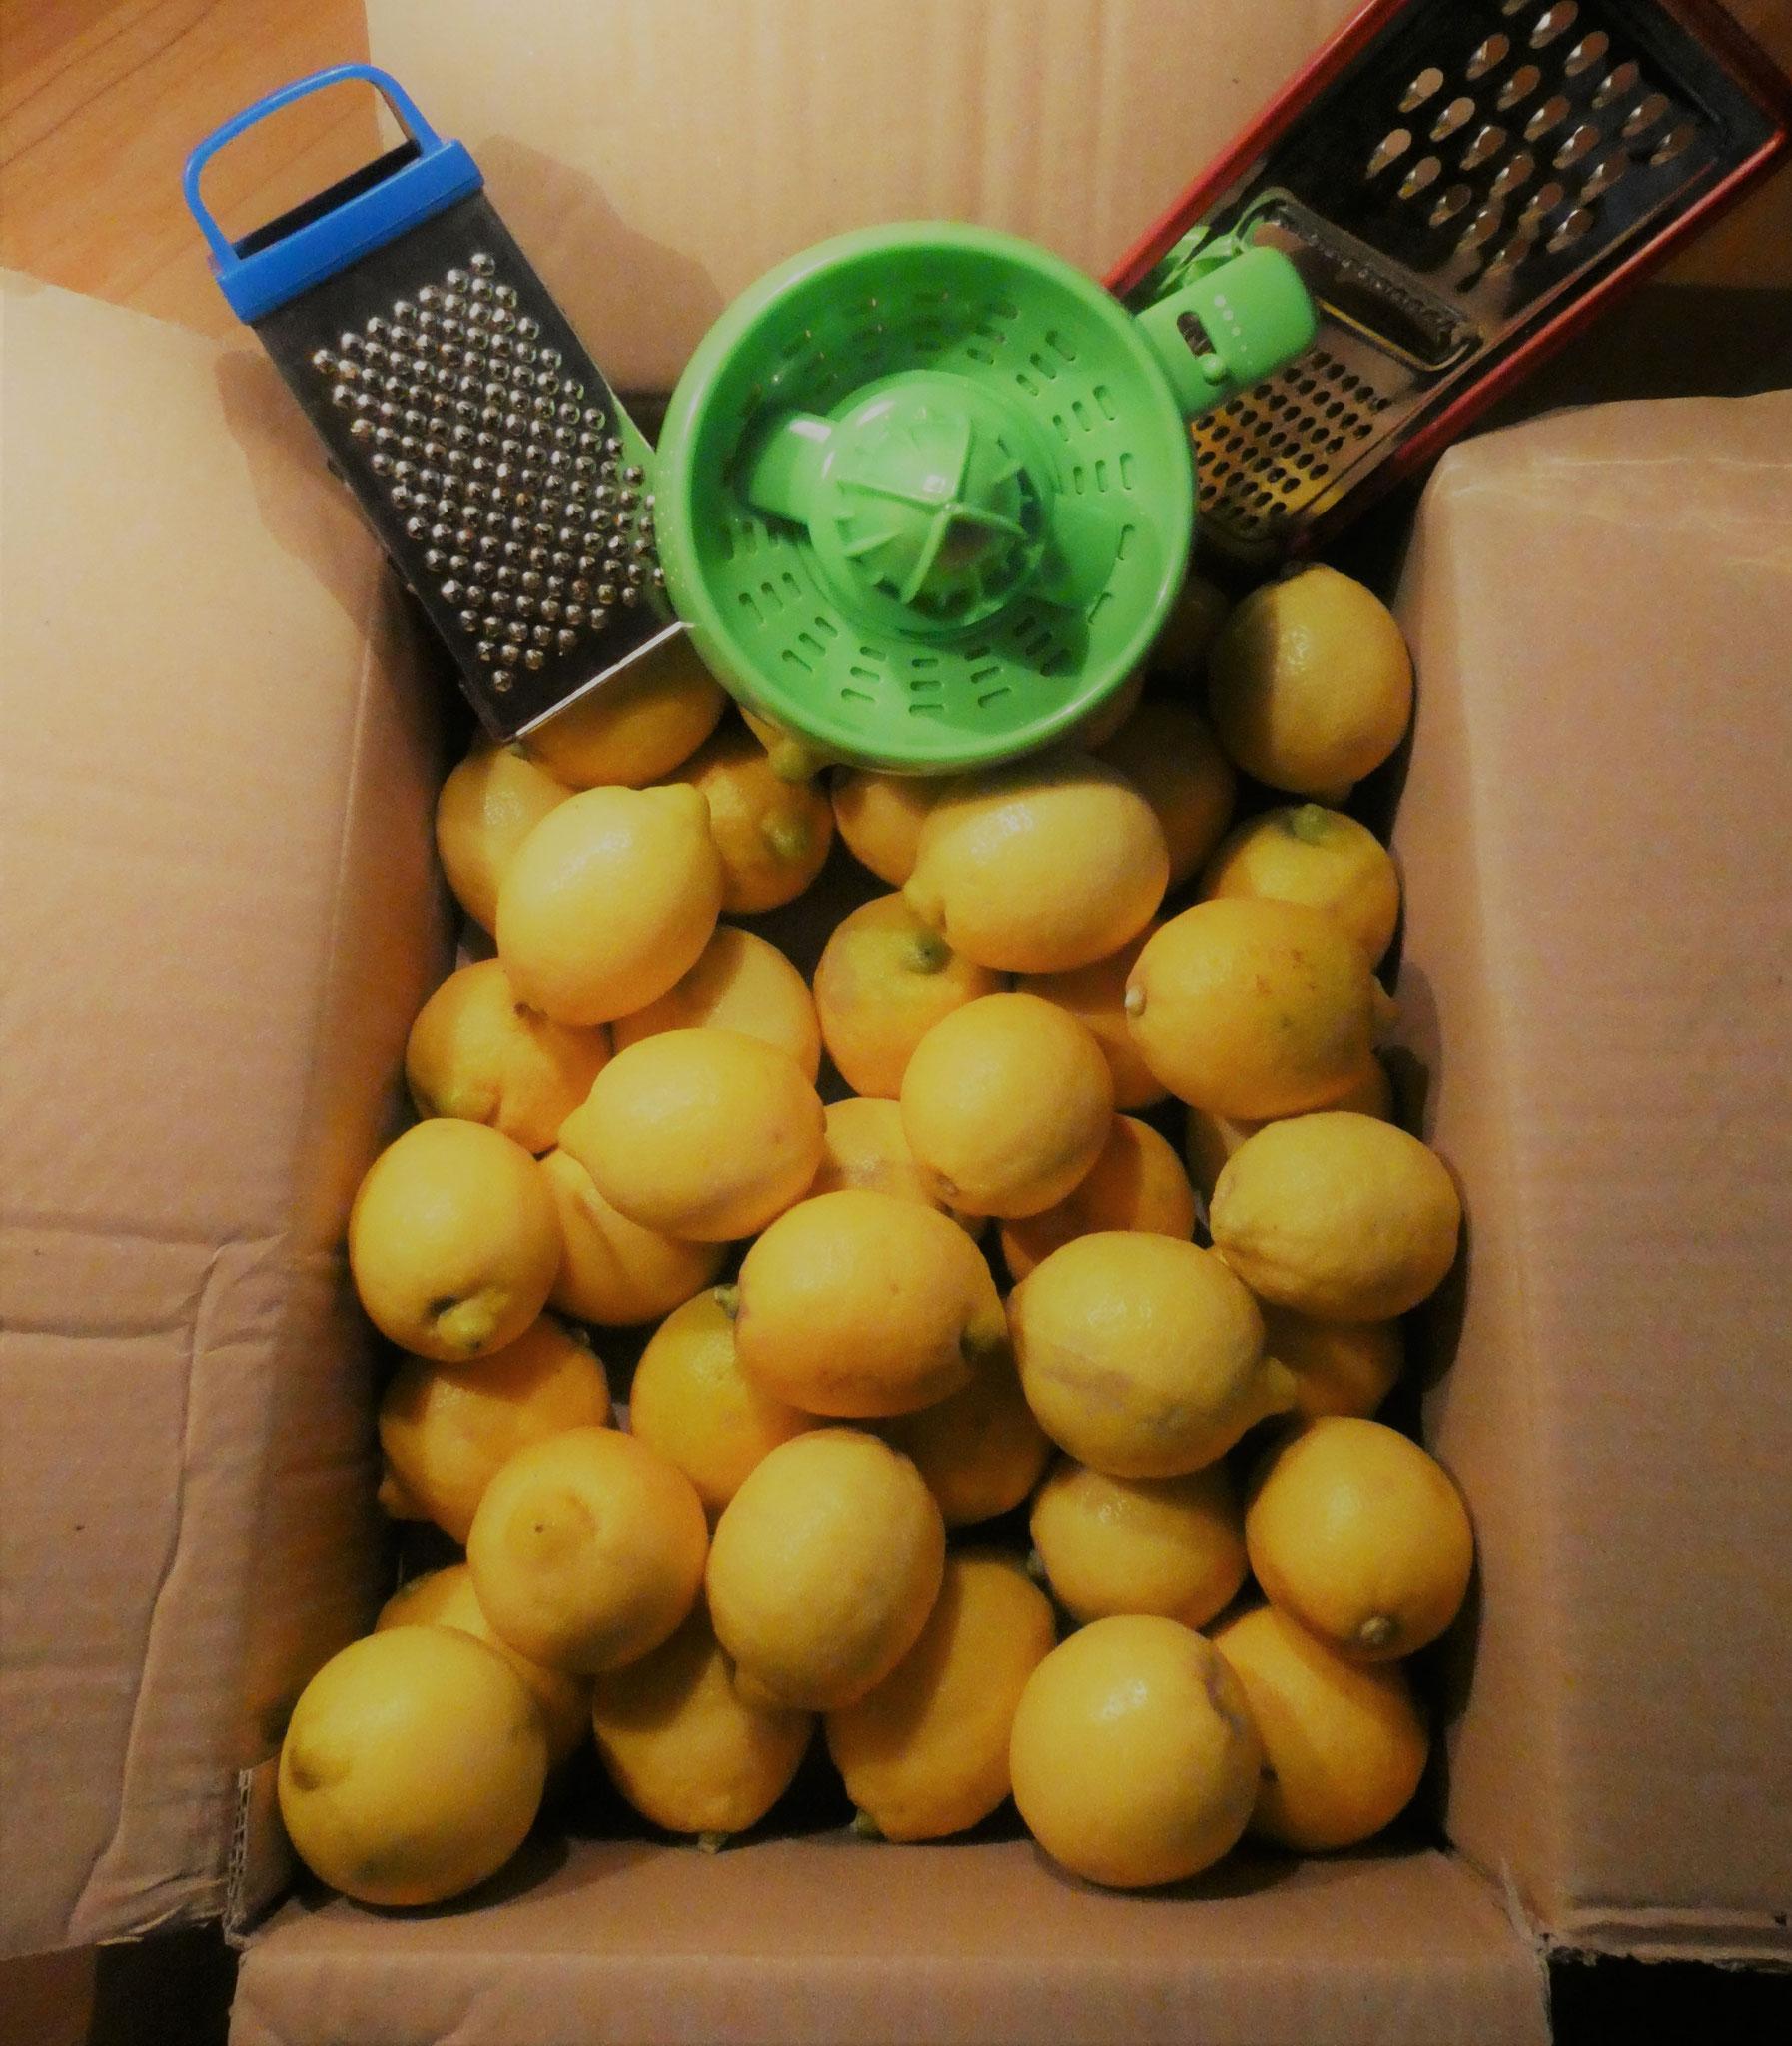 Zitronen von einer italienischen Kooperative